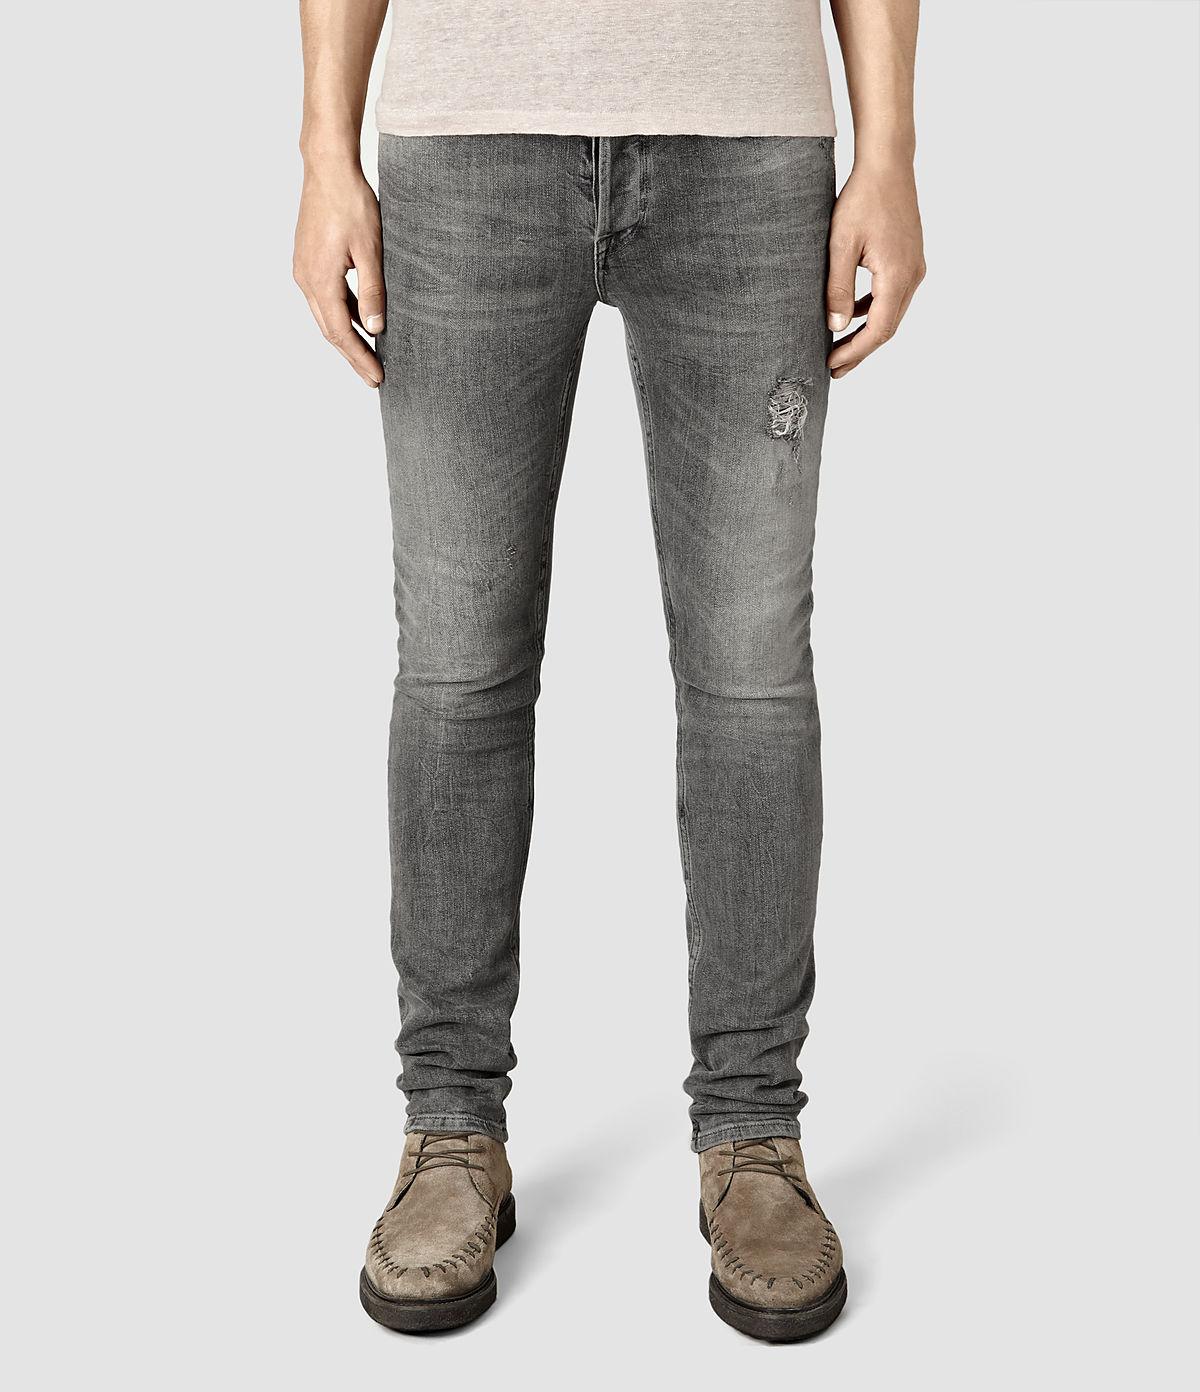 Allsaints Jeans